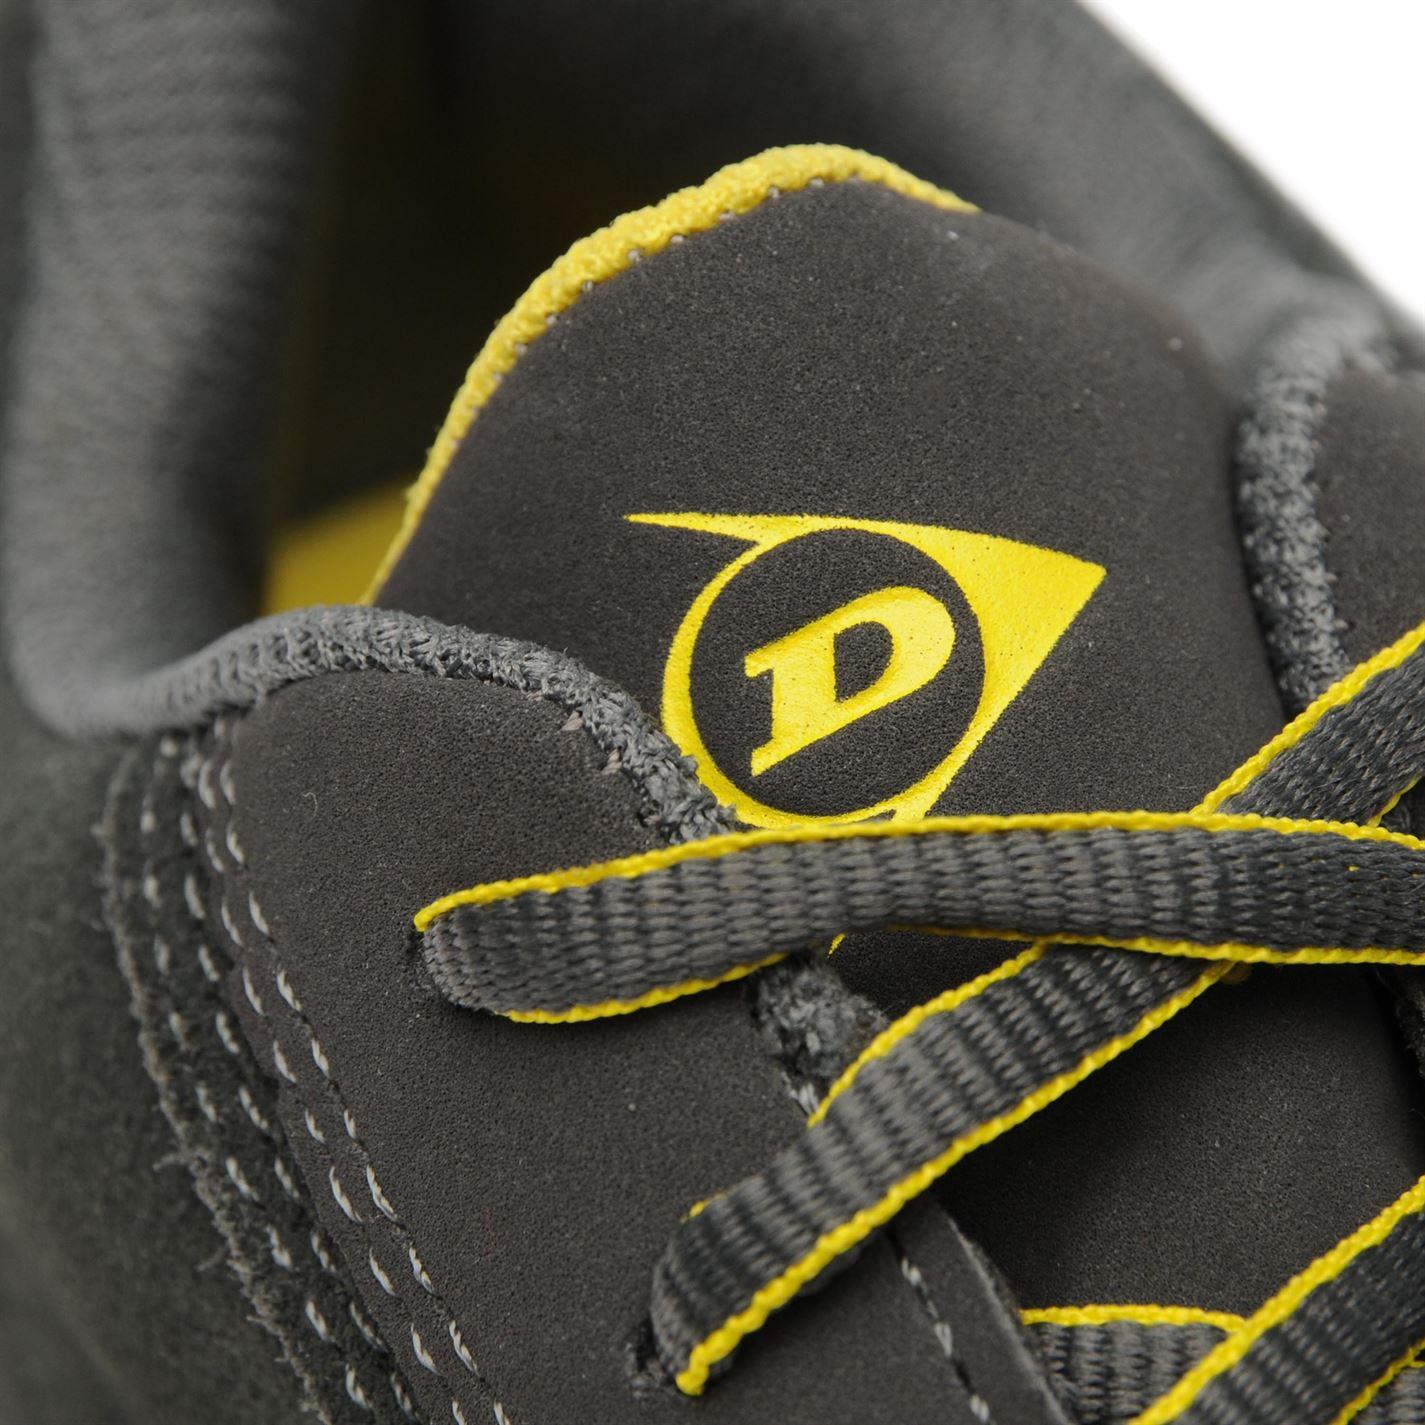 Carboncino Dunlop de Bottes Indiana sᄄᆭcuritᄄᆭ pour hommes Calzature lKF1JTc